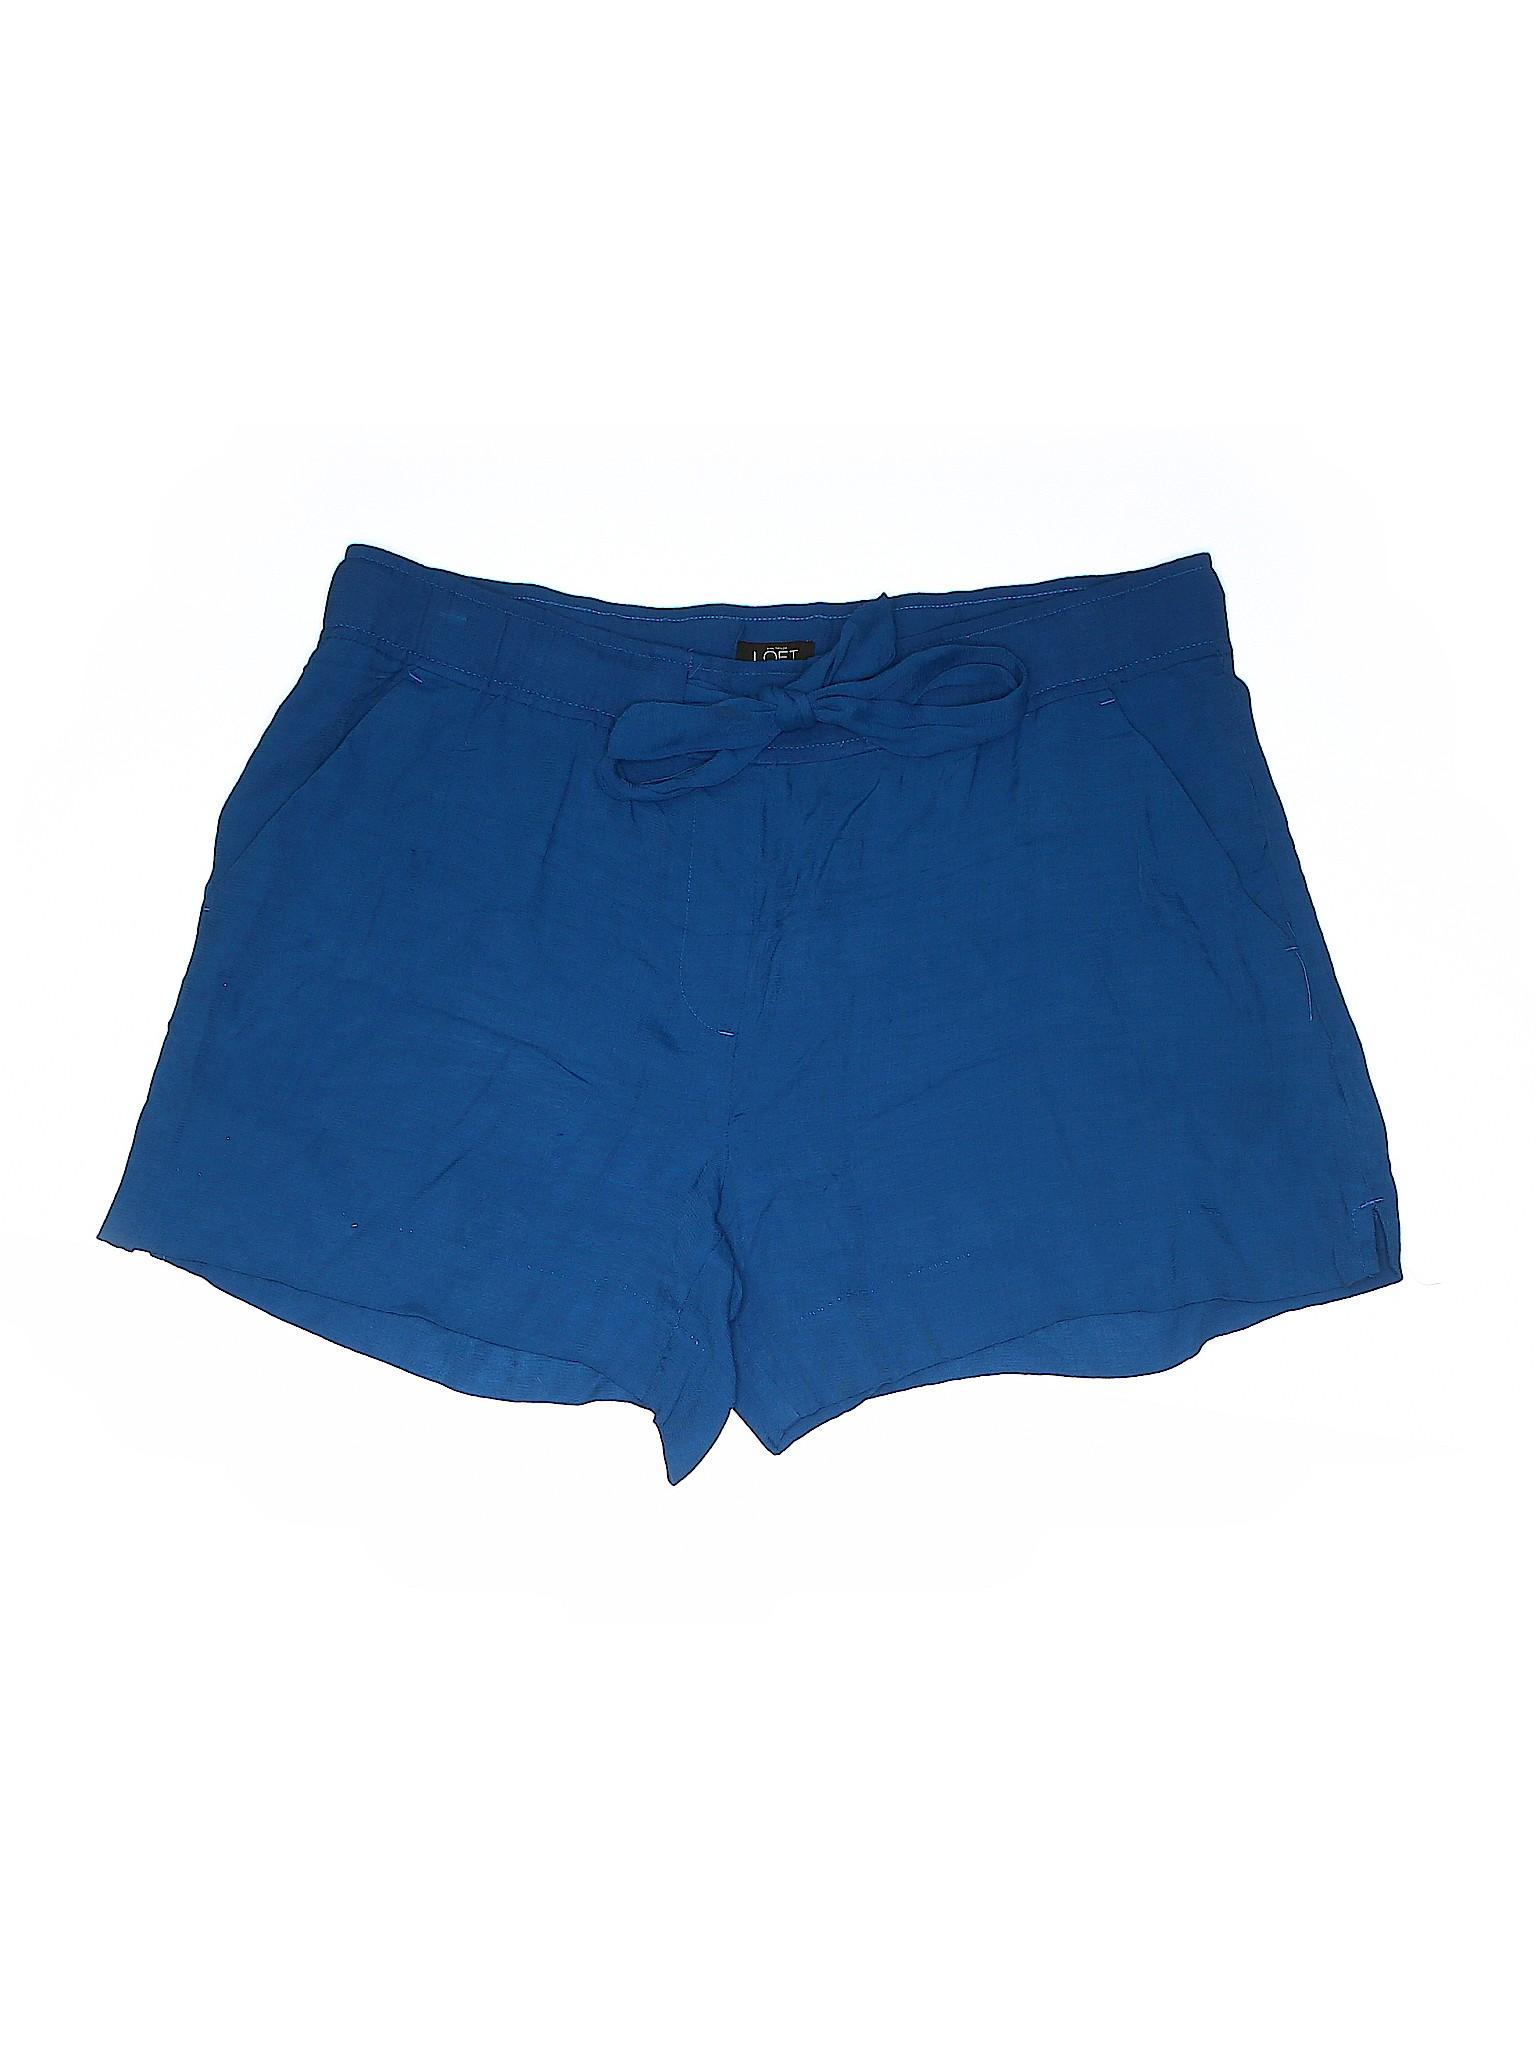 Boutique Shorts Ann Taylor LOFT LOFT Taylor Boutique Ann Ann Boutique Shorts LOFT Taylor wStqxZO4W